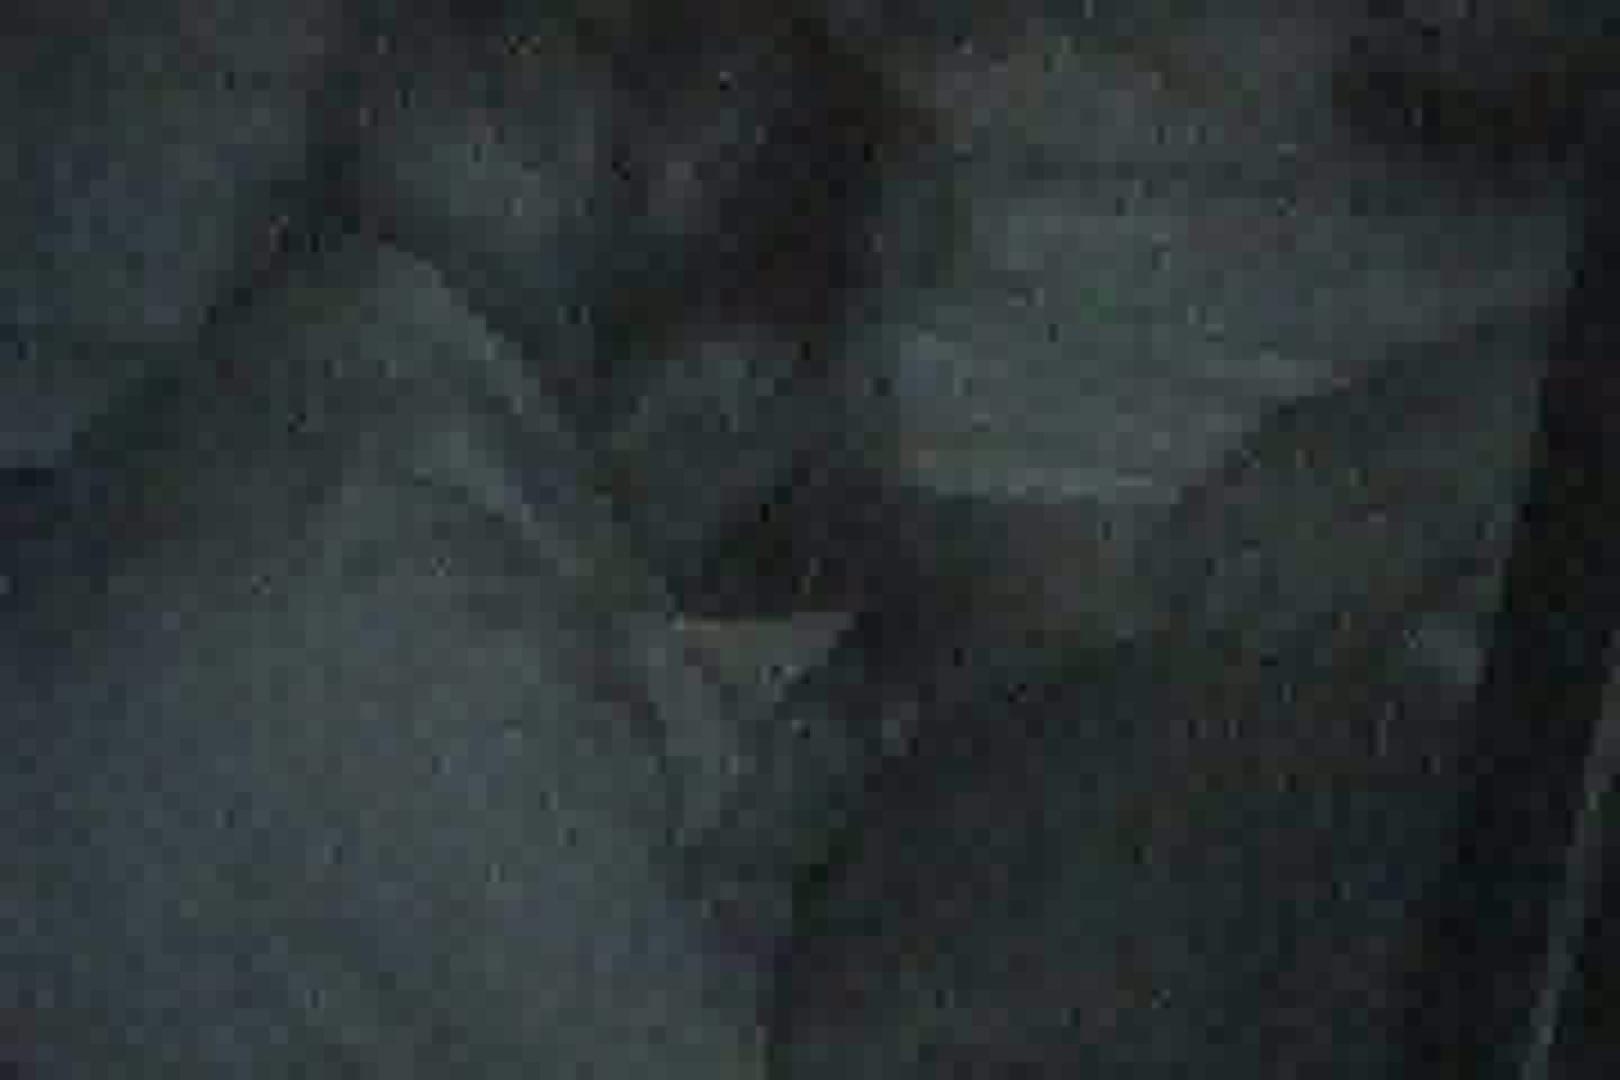 充血監督の深夜の運動会Vol.13 エロティックなOL | エッチなセックス  60画像 47